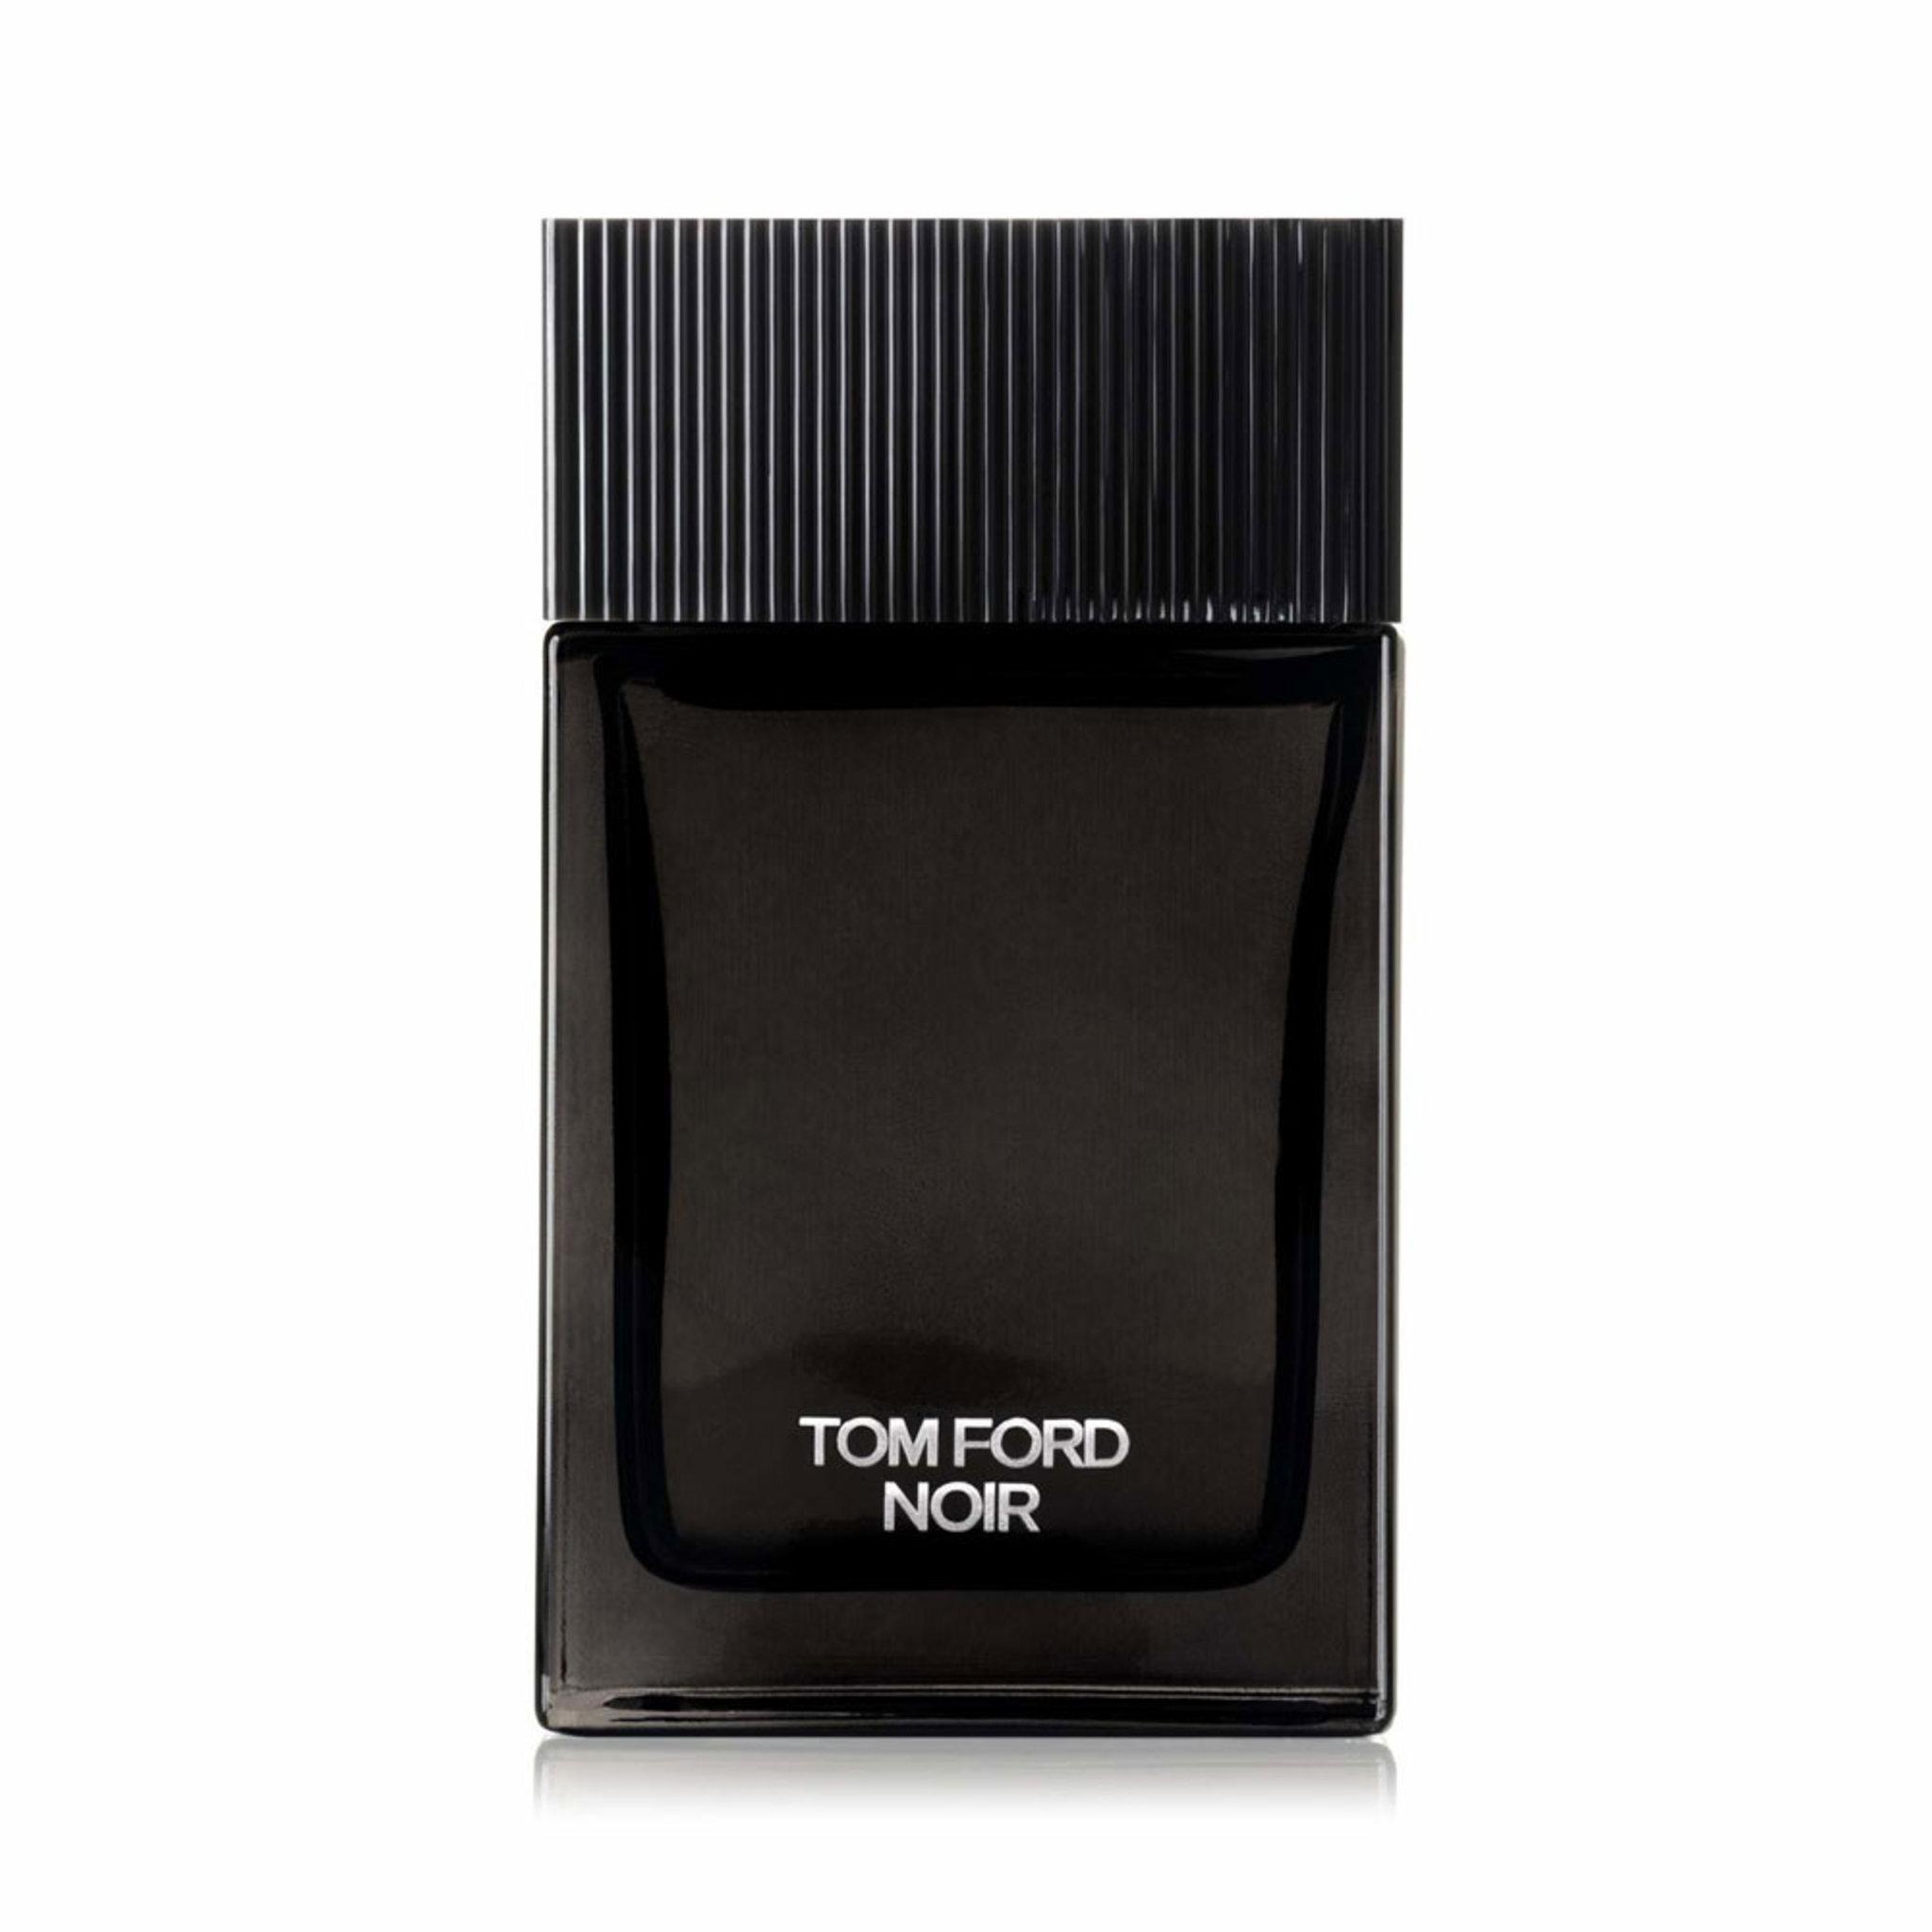 Tom Ford Noir EdP, 100 ml, 100 ML